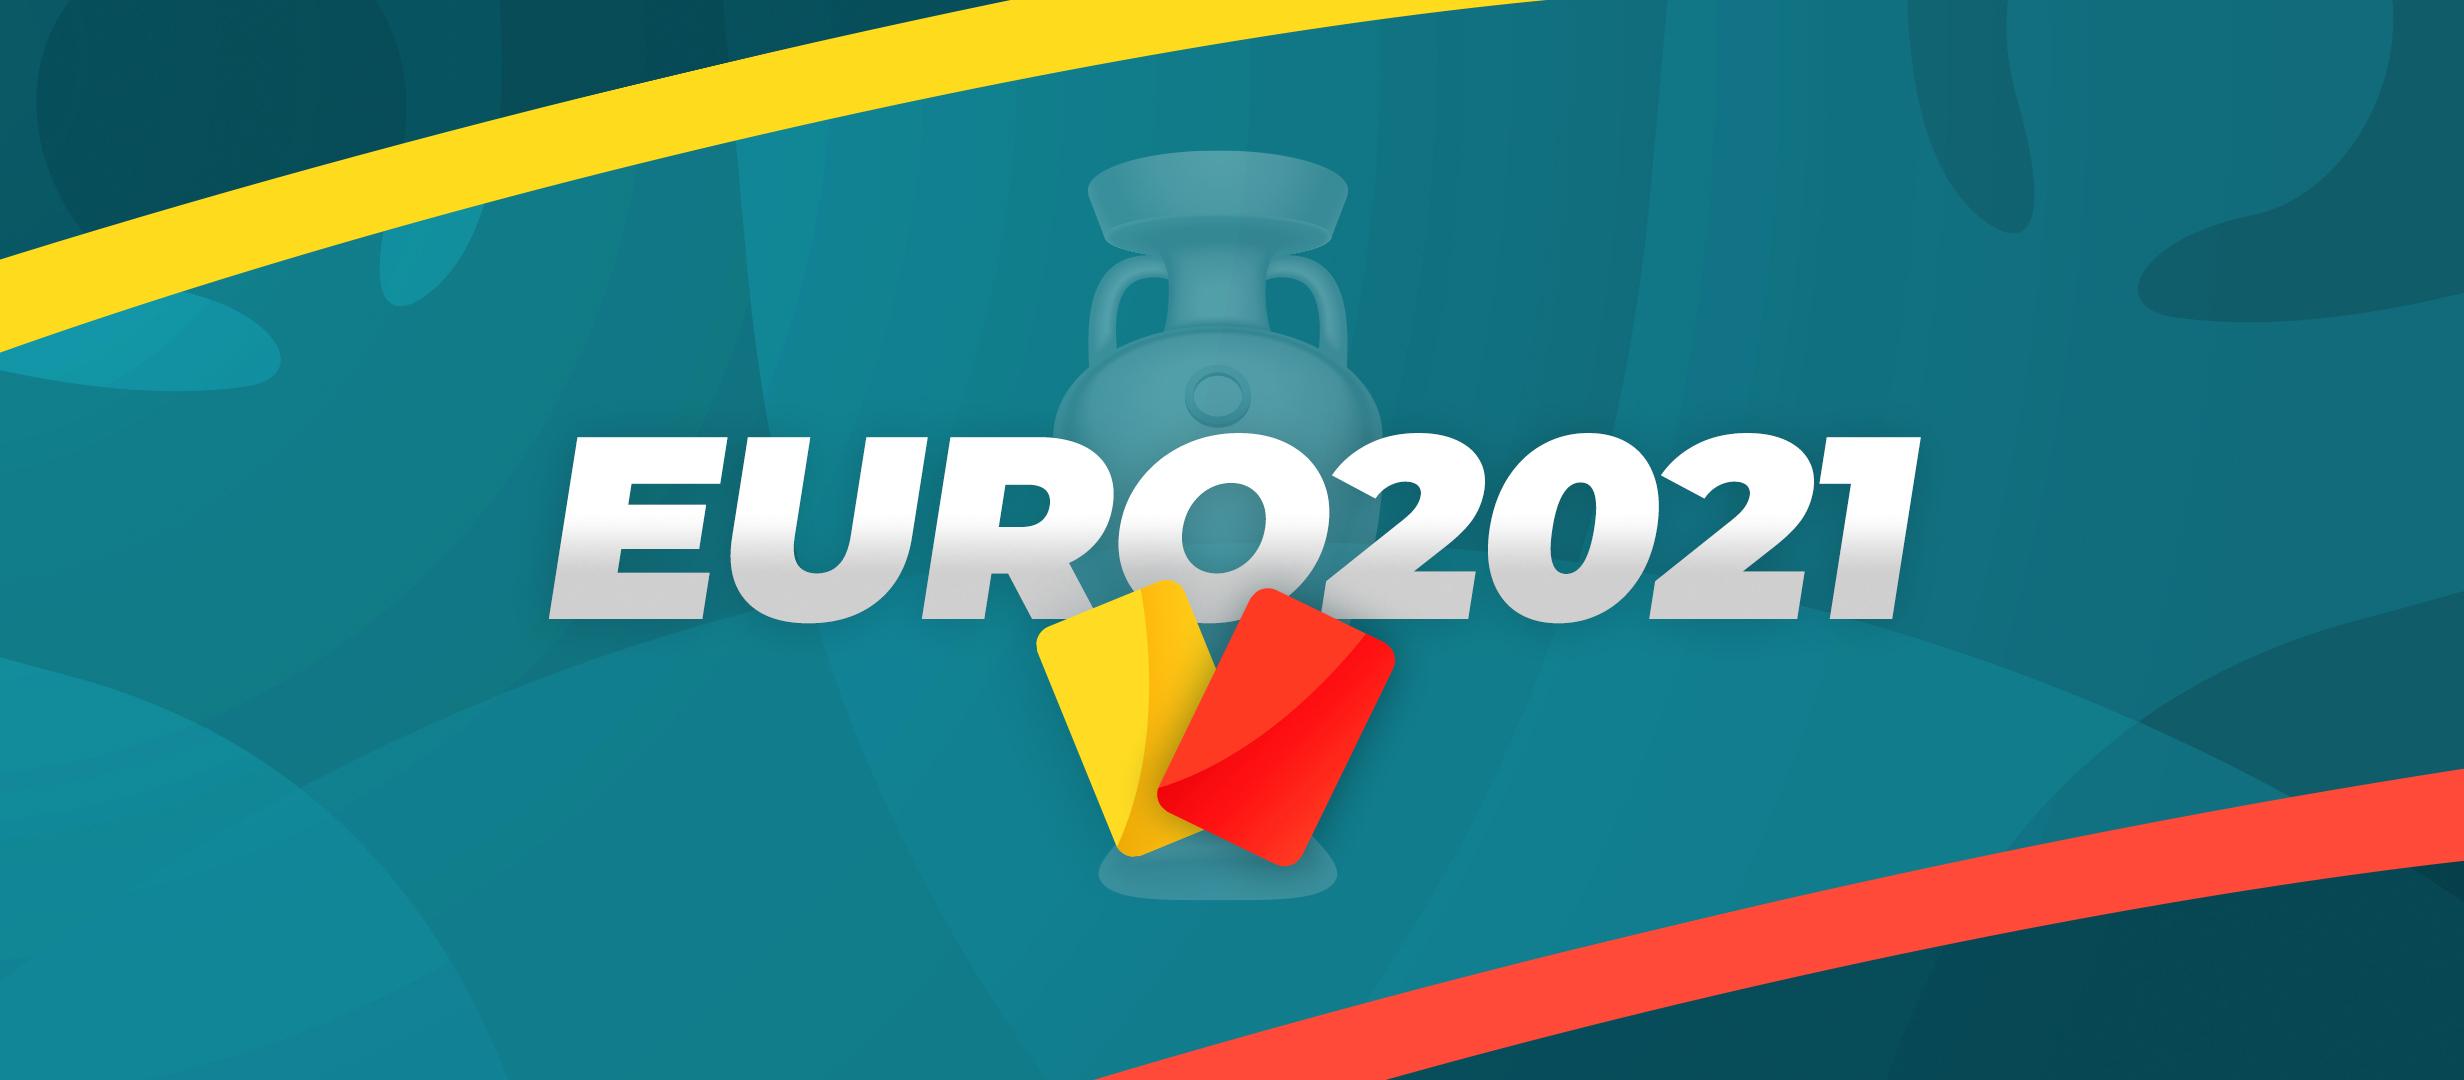 Евро-2020: ставите на фолы и карточки — смотрите в сторону ТБ